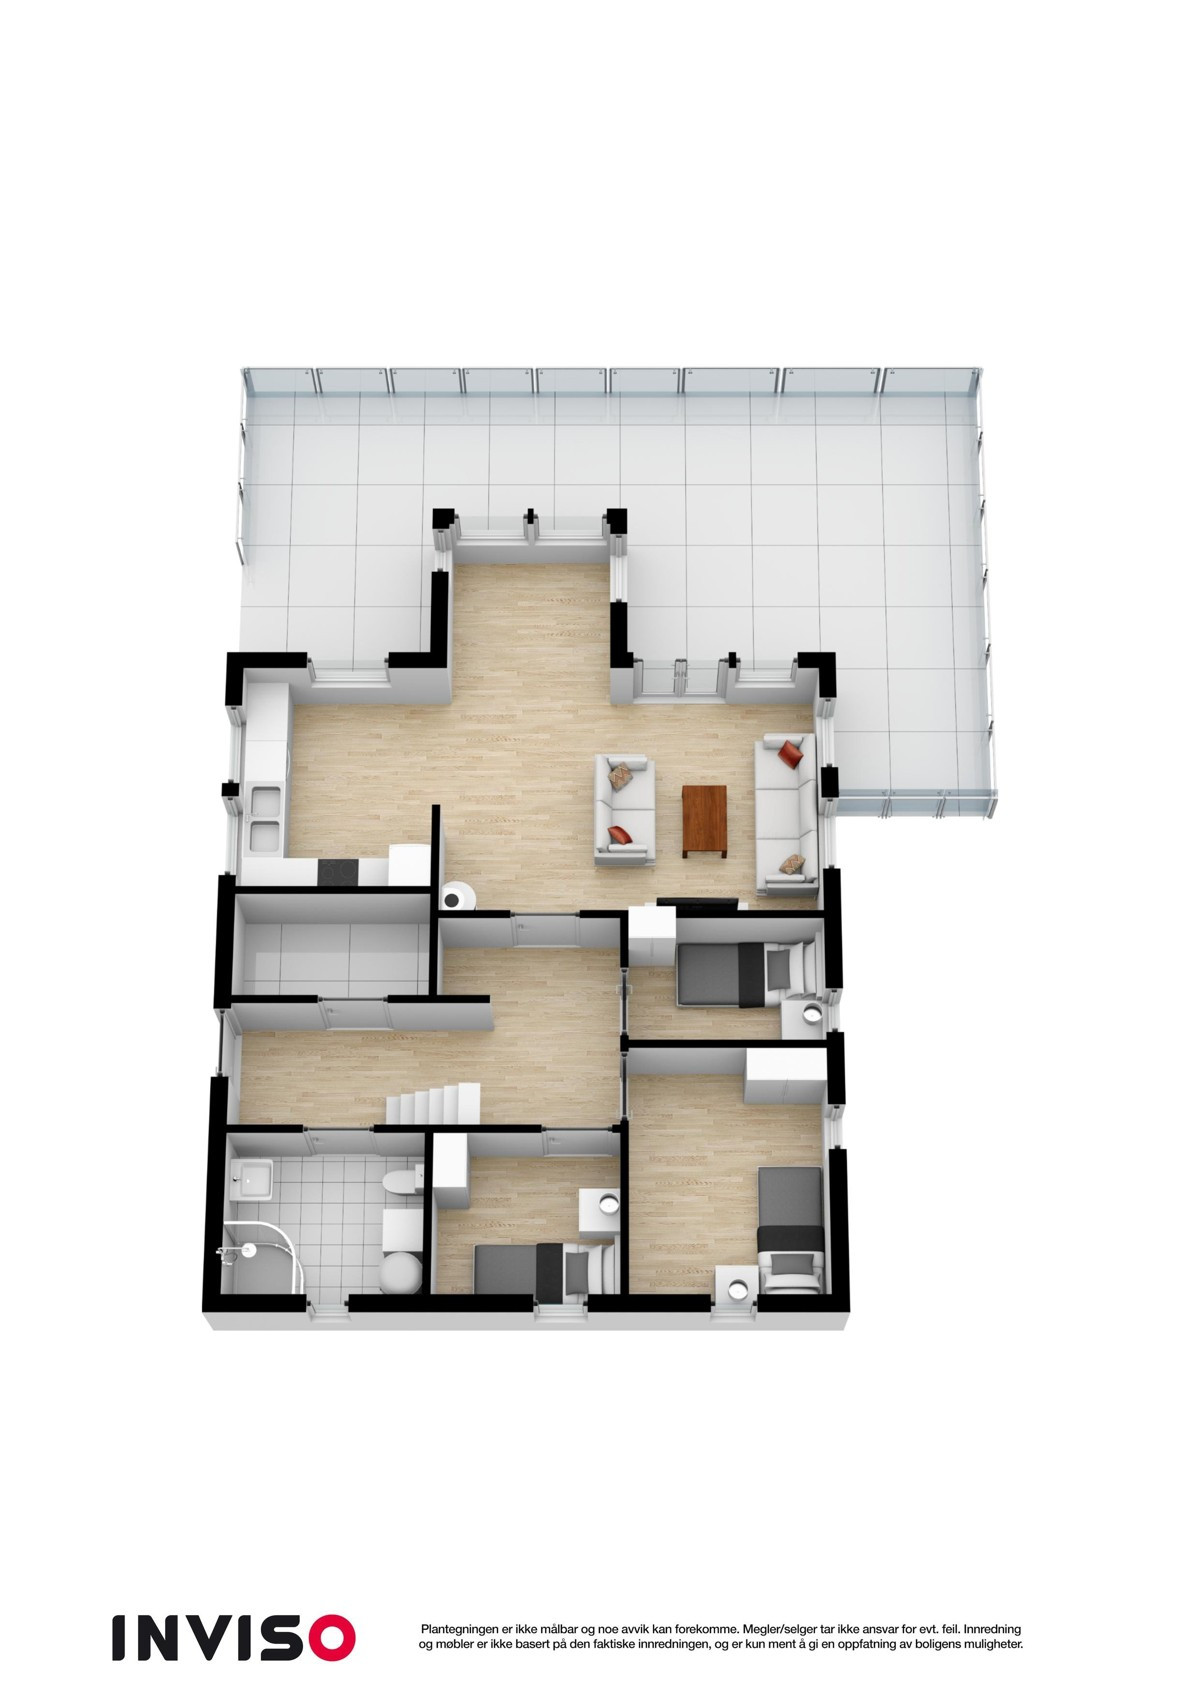 Planskisse 1. etasje